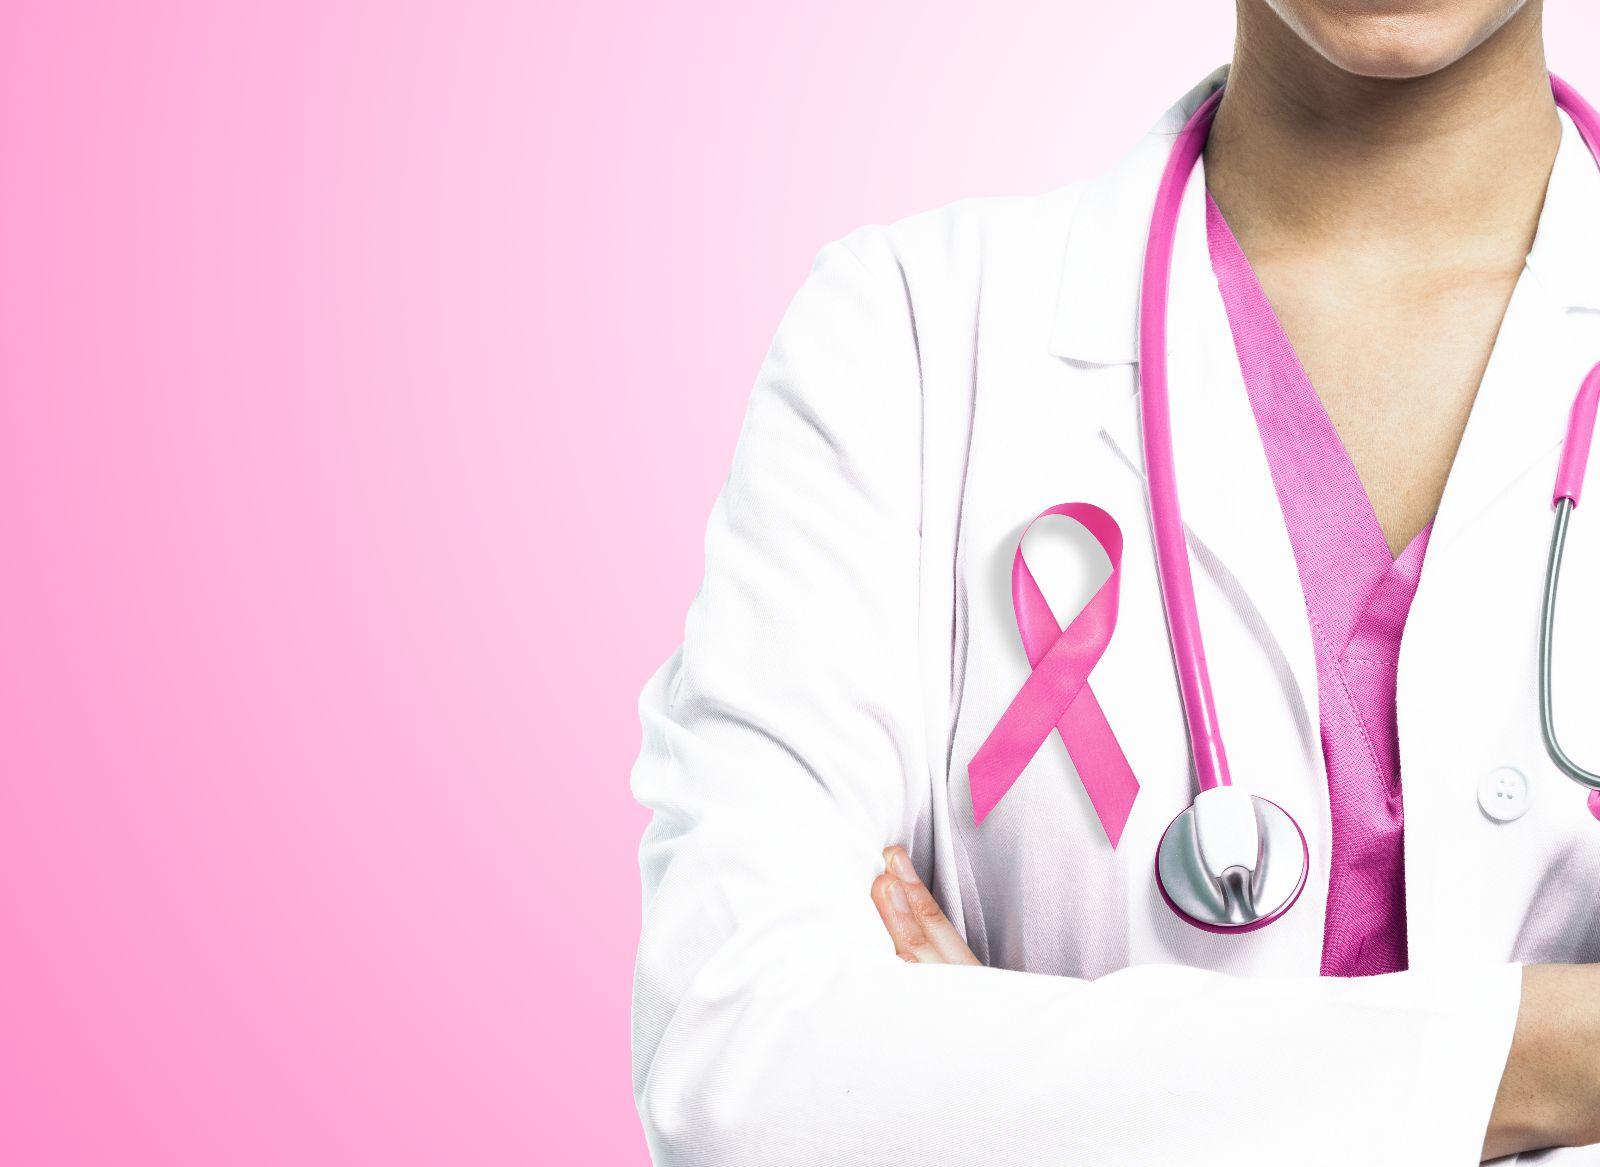 Enfermera con estetoscopio rosa y moño rosa